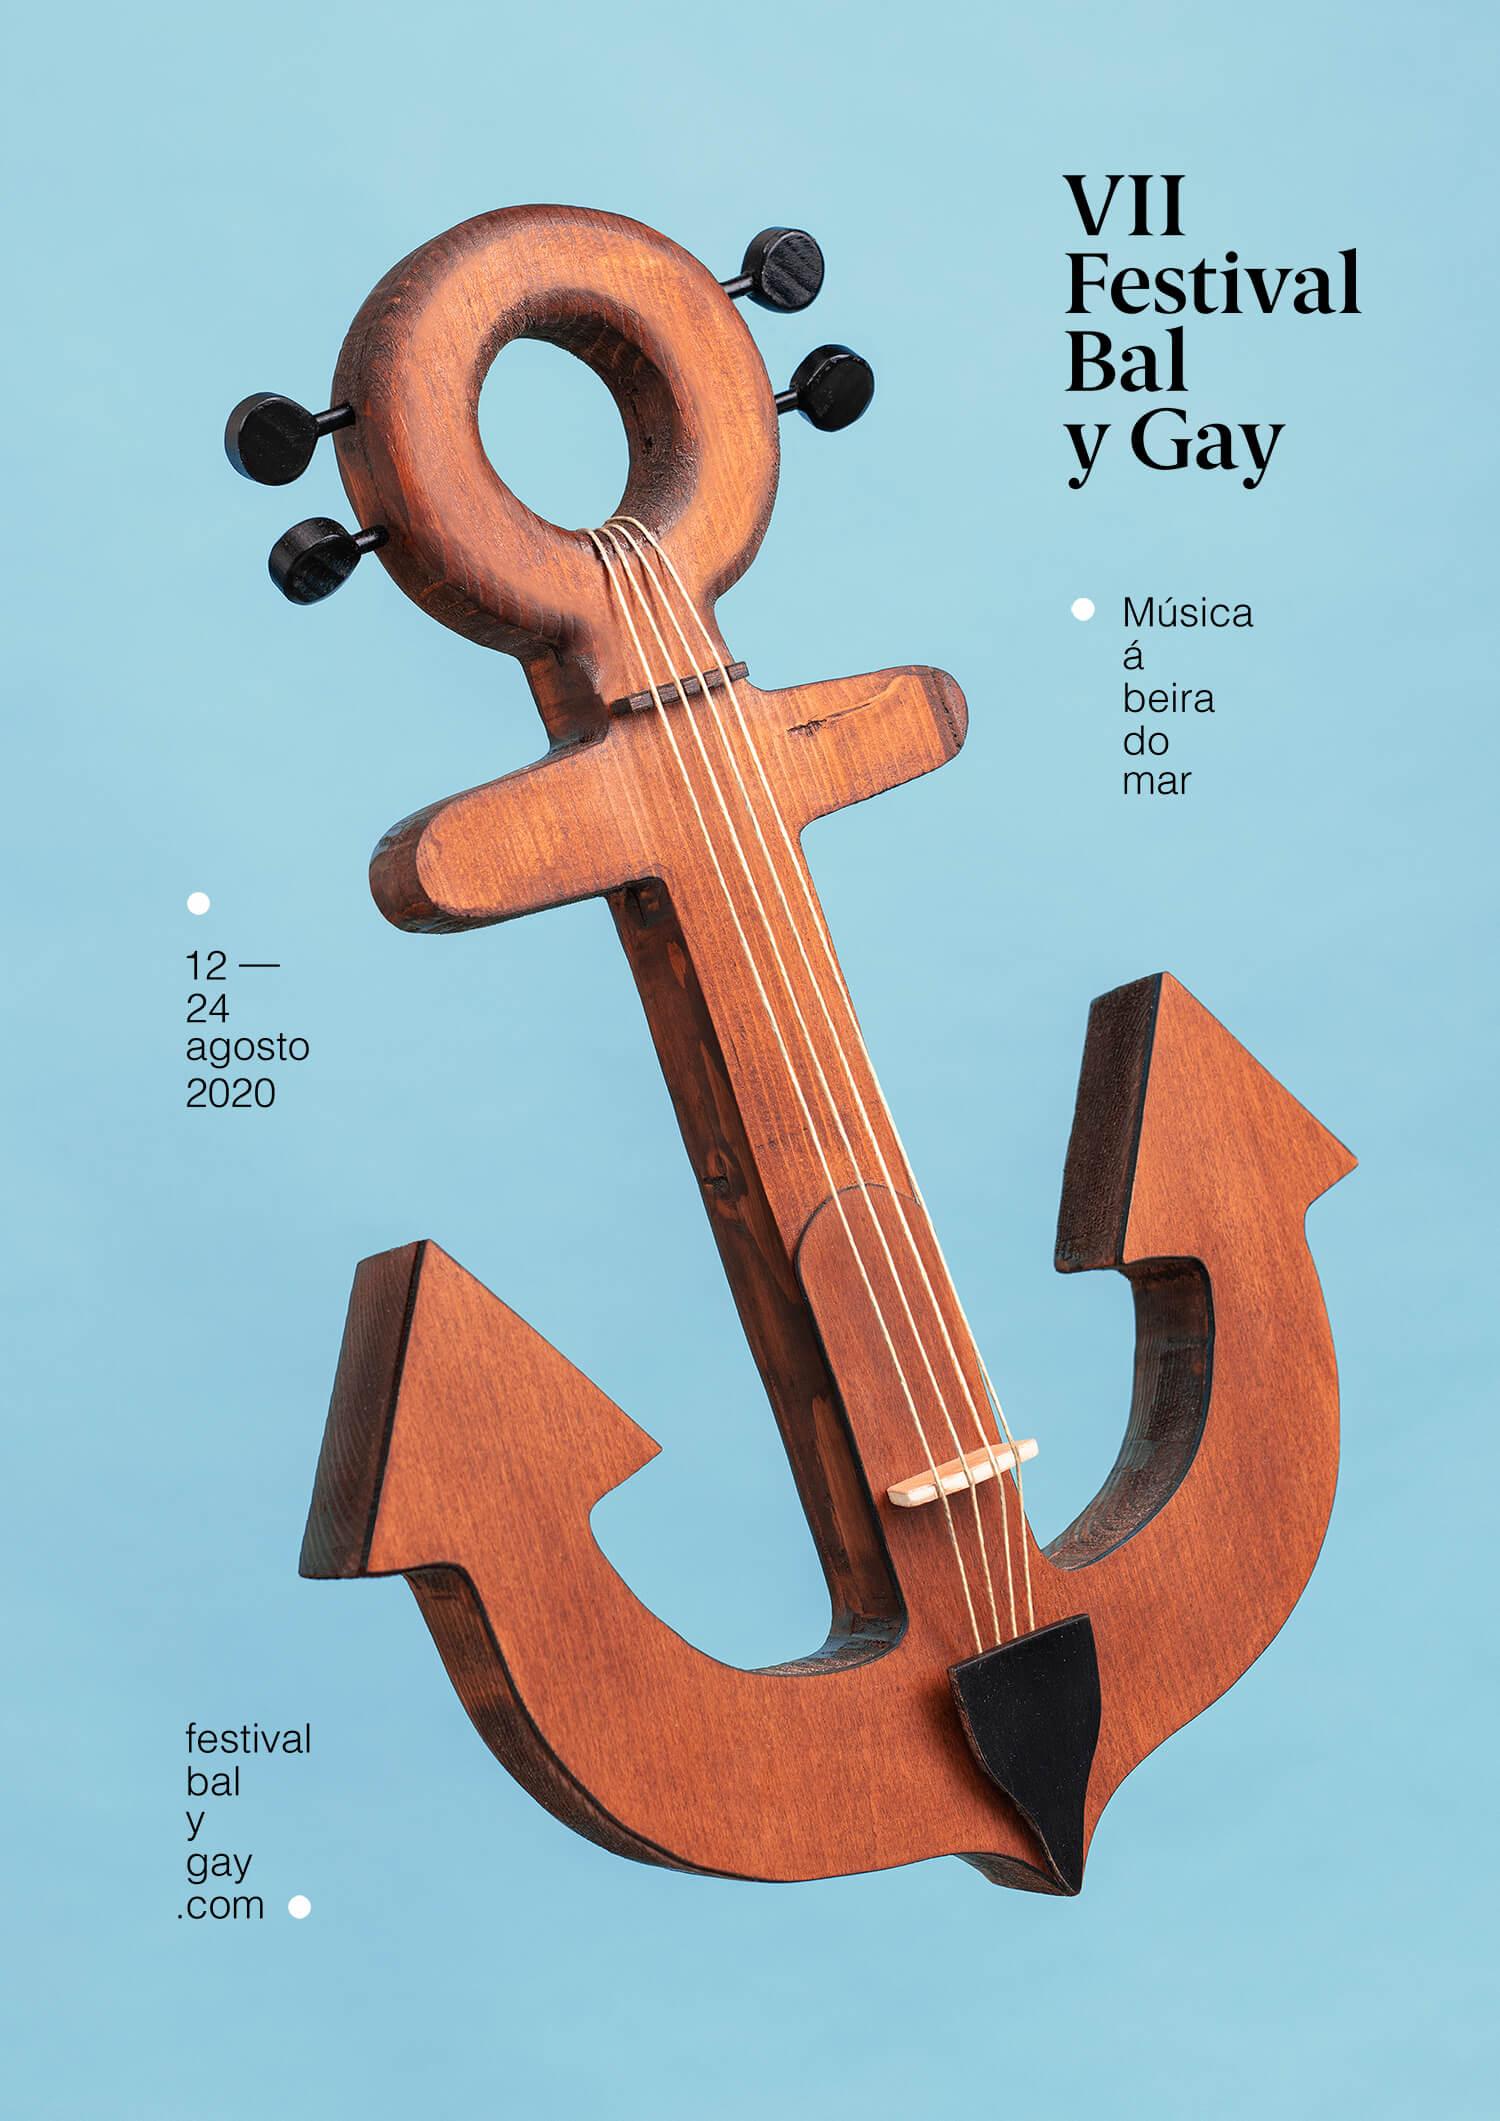 VII Festival Bal y Gay